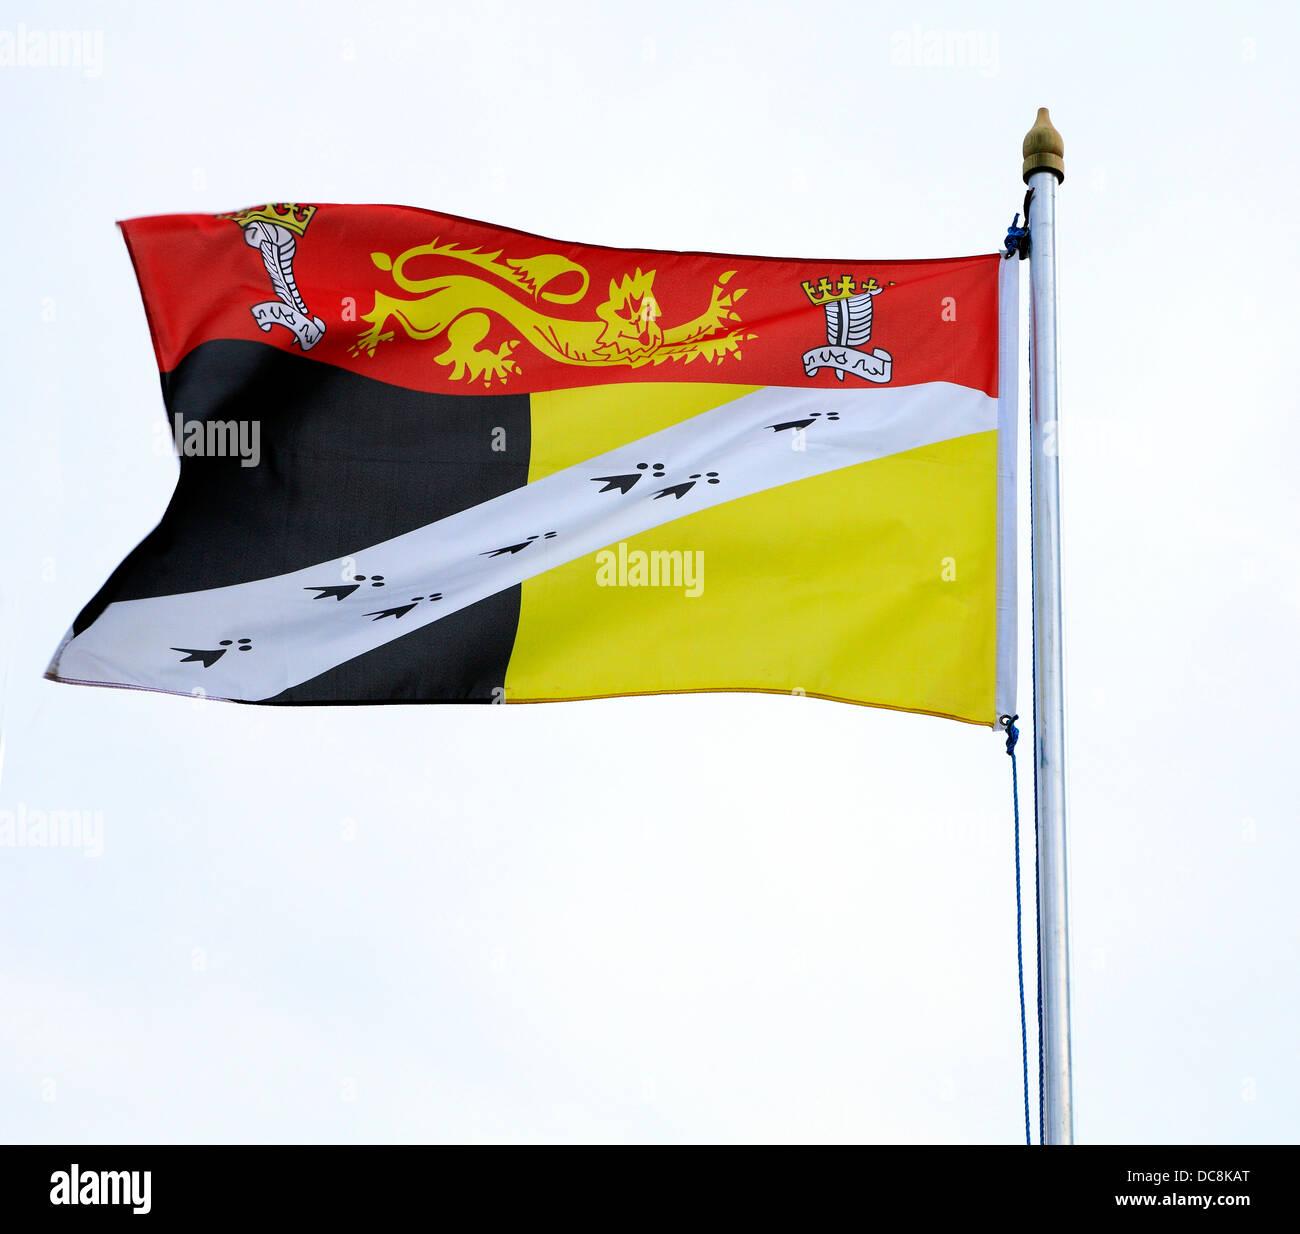 Norfolk County Flag England UK English regional flags - Stock Image